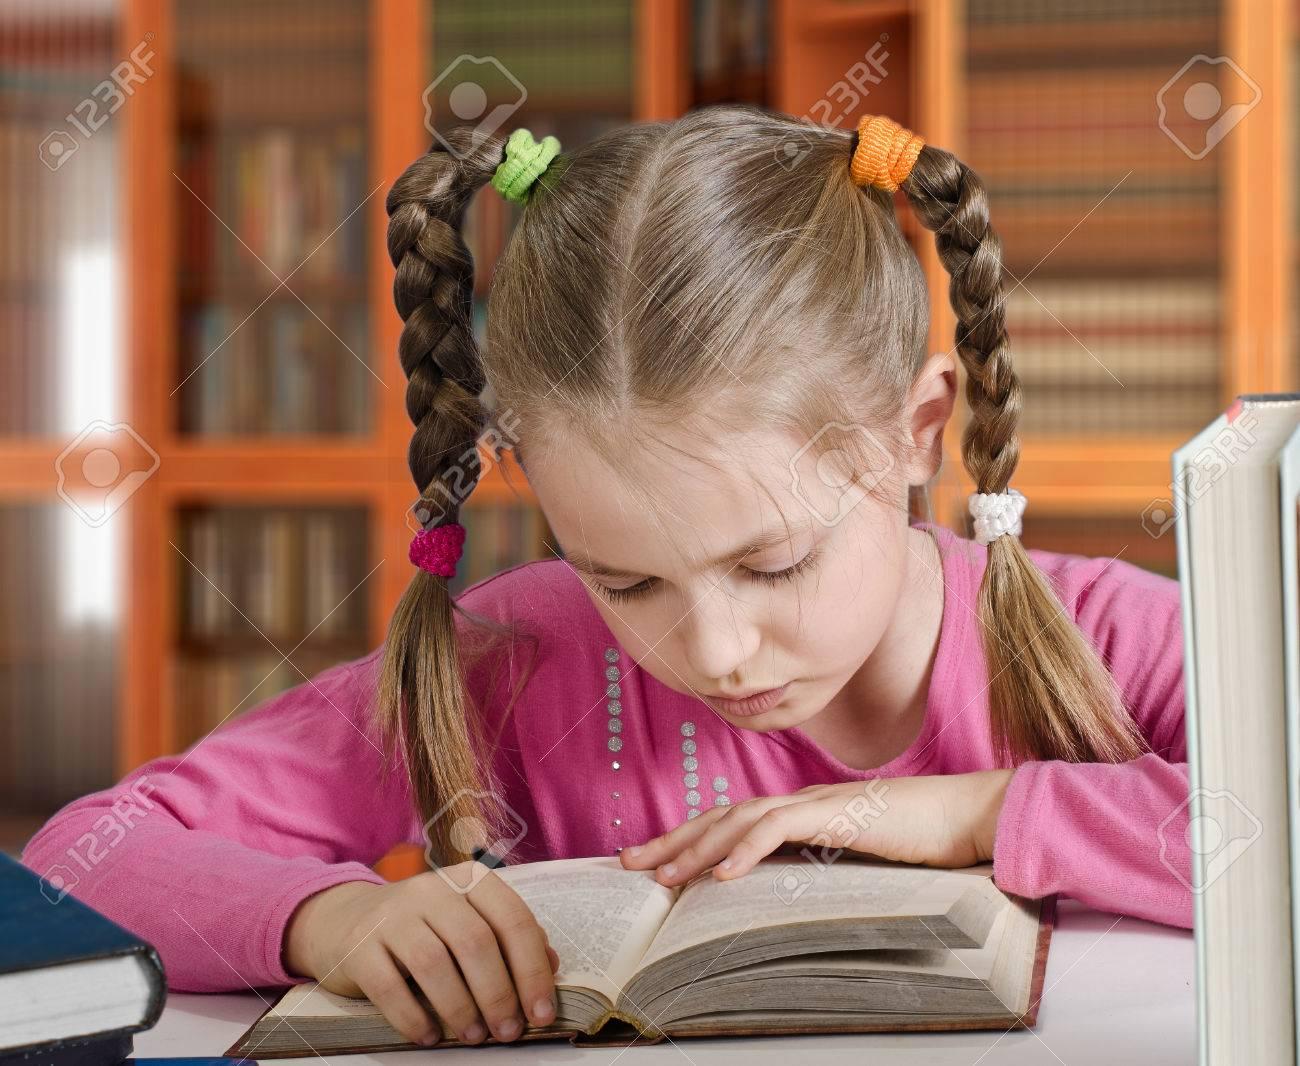 La Jeune Fille De 9 Ans Avec Deux Tresses Lit Le Livre La Photo Contre Les Bibliotheques